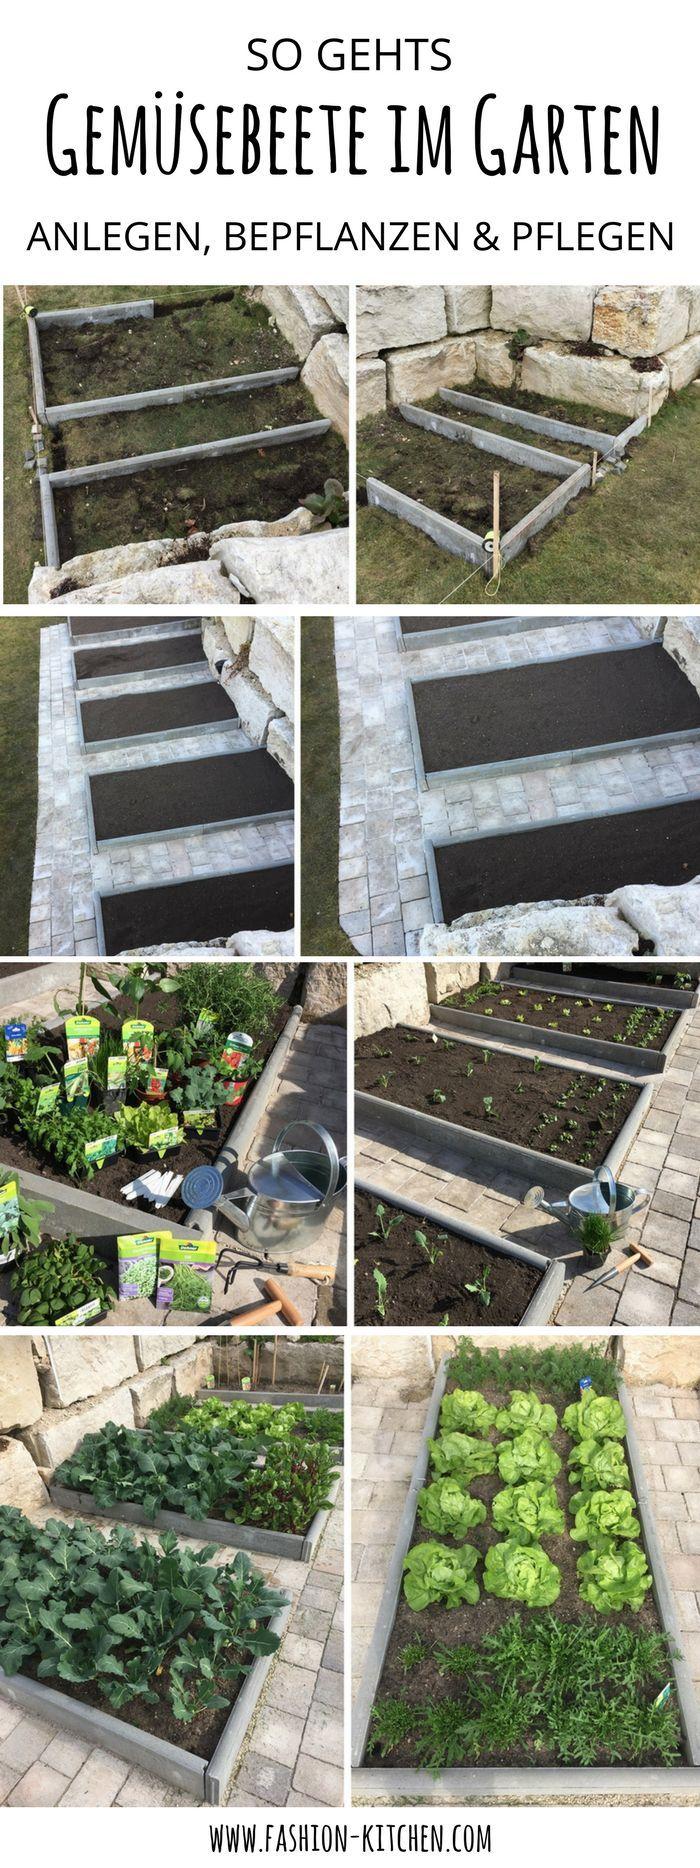 Gemüsebeete im Garten anlegen, bepflanzen & pflegen #garden